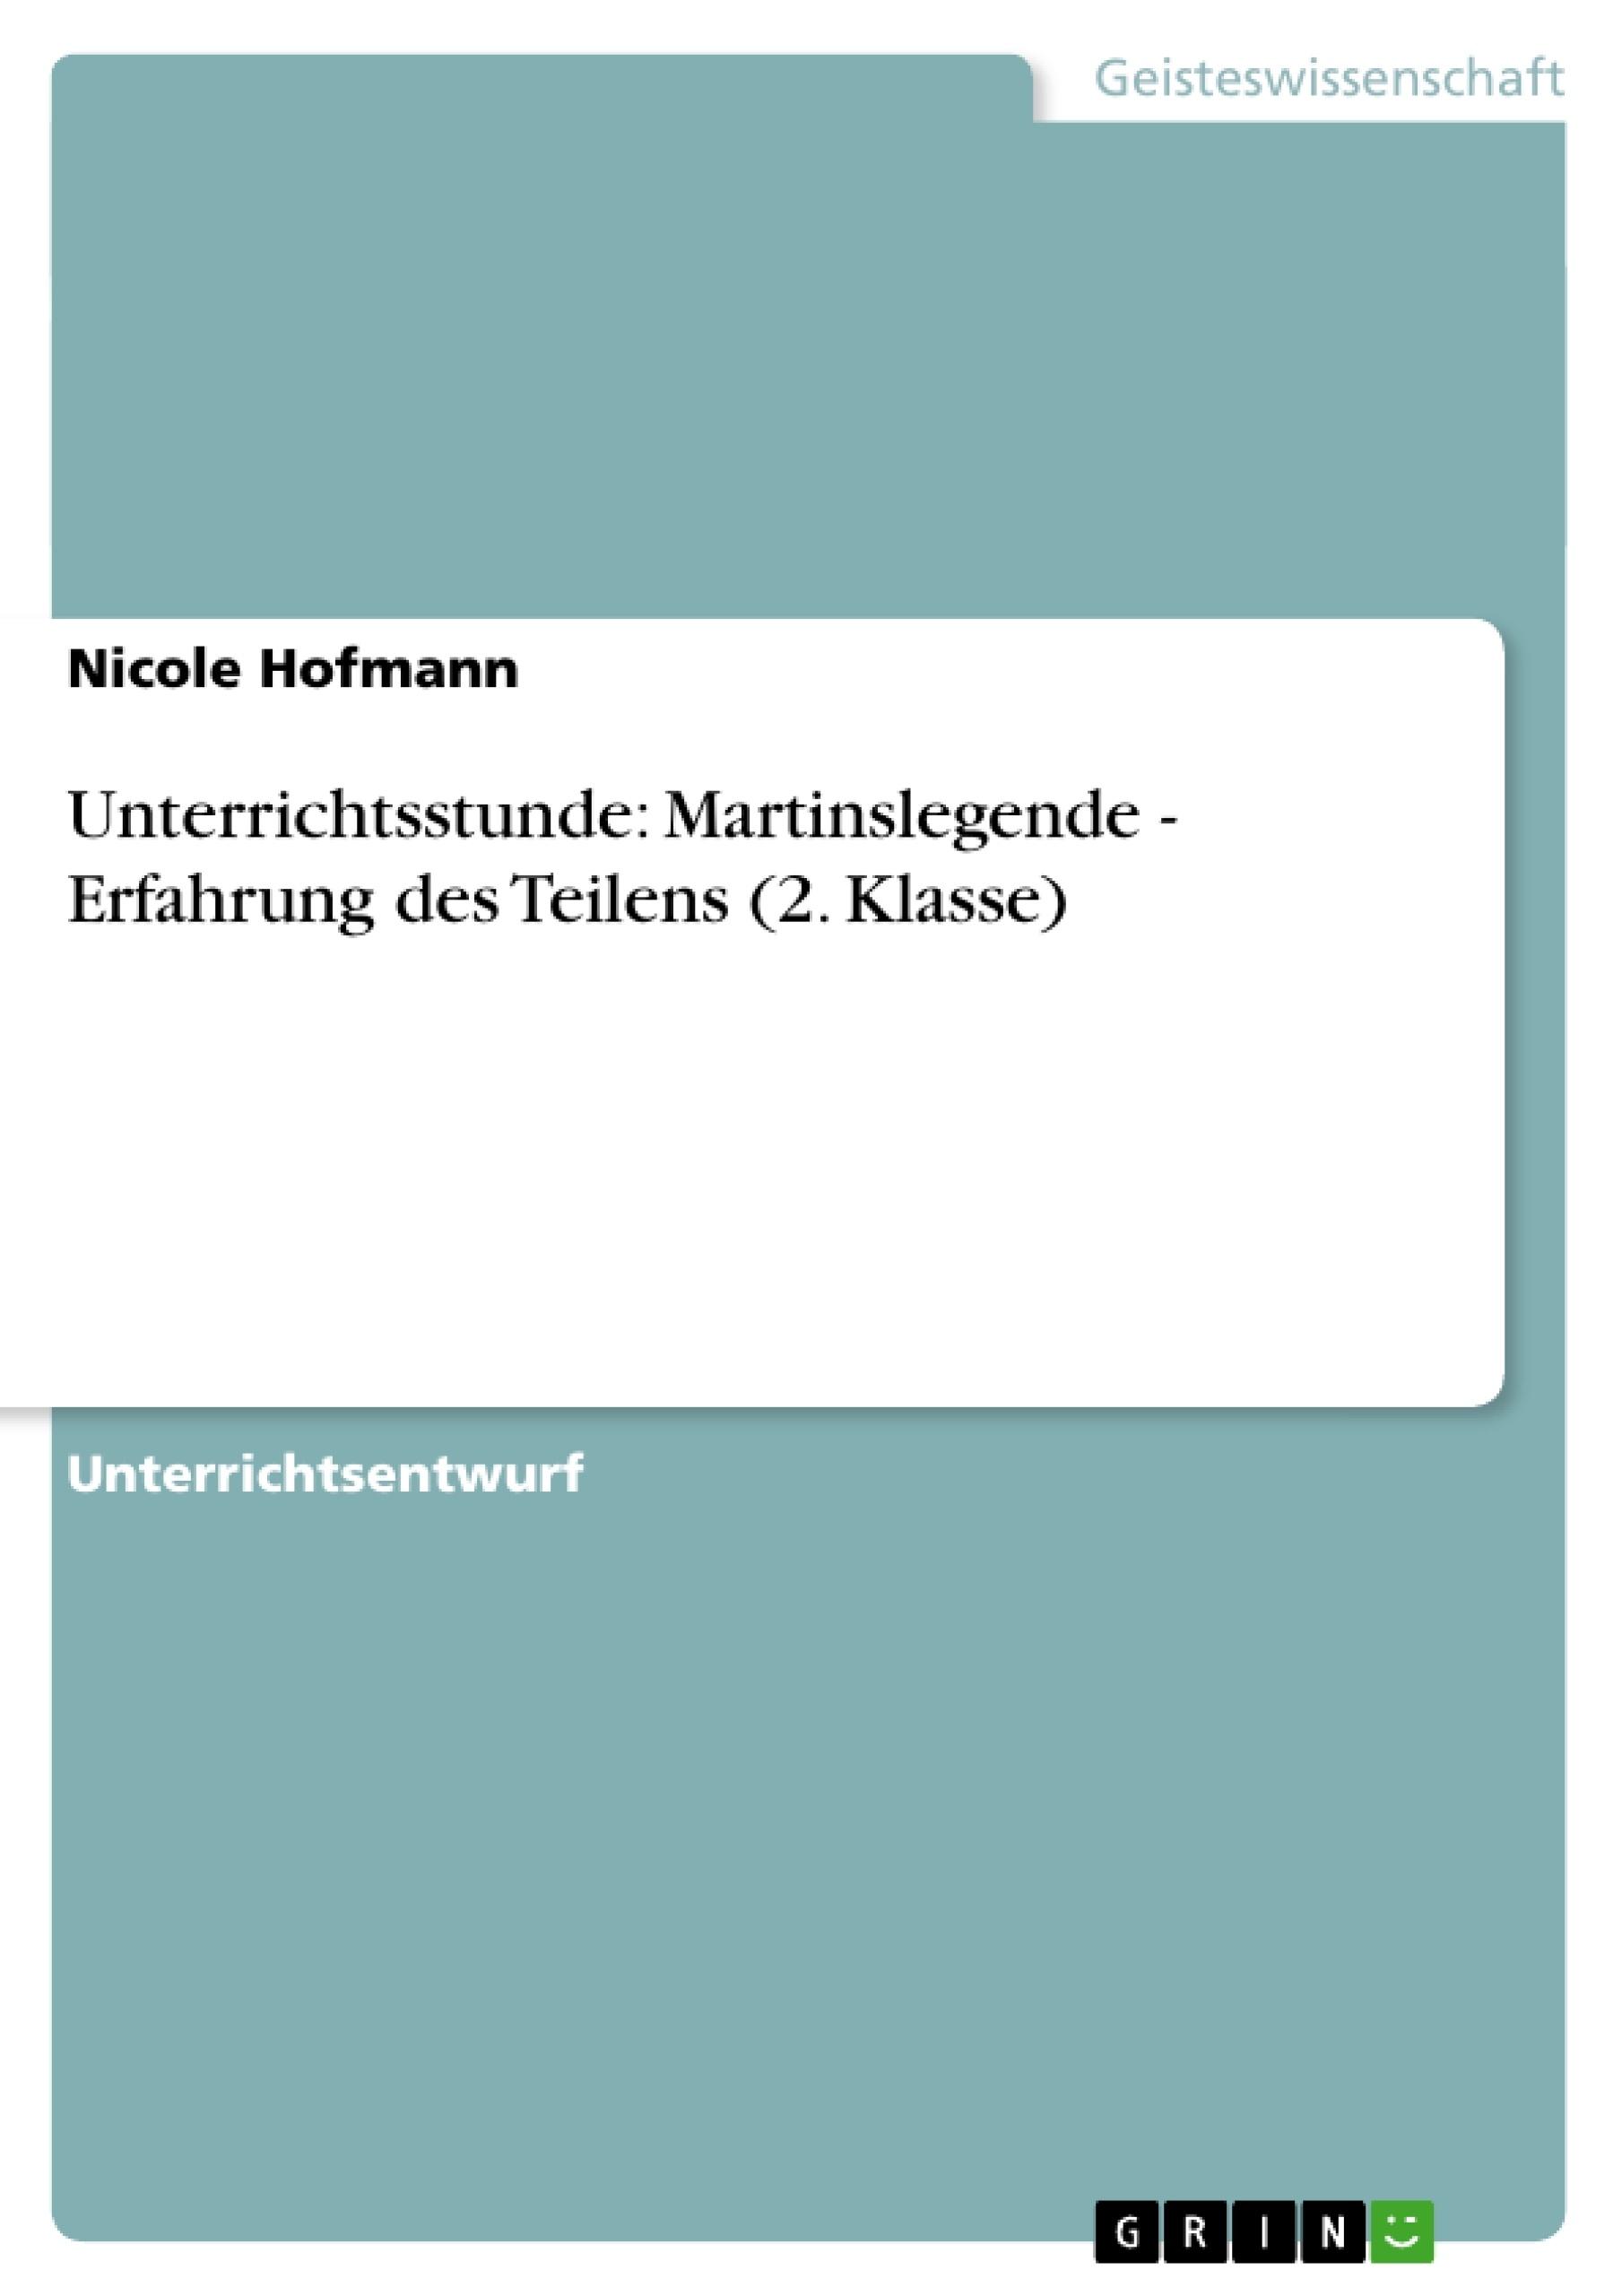 Titel: Unterrichtsstunde: Martinslegende - Erfahrung des Teilens (2. Klasse)